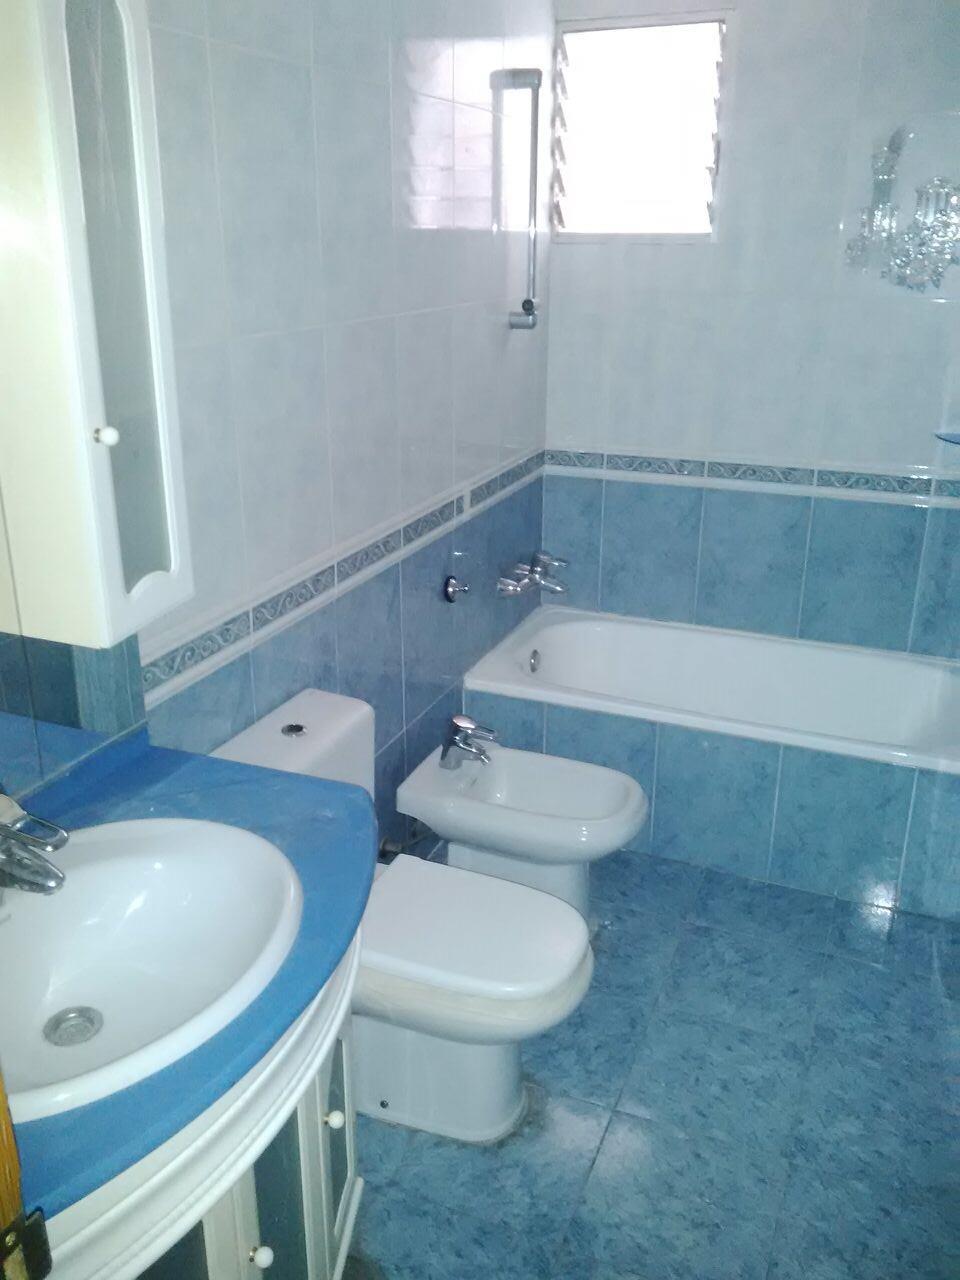 Piso en venta en Calpe/calp, Alicante, Calle de la Diputacion, 121.500 €, 3 habitaciones, 2 baños, 122 m2